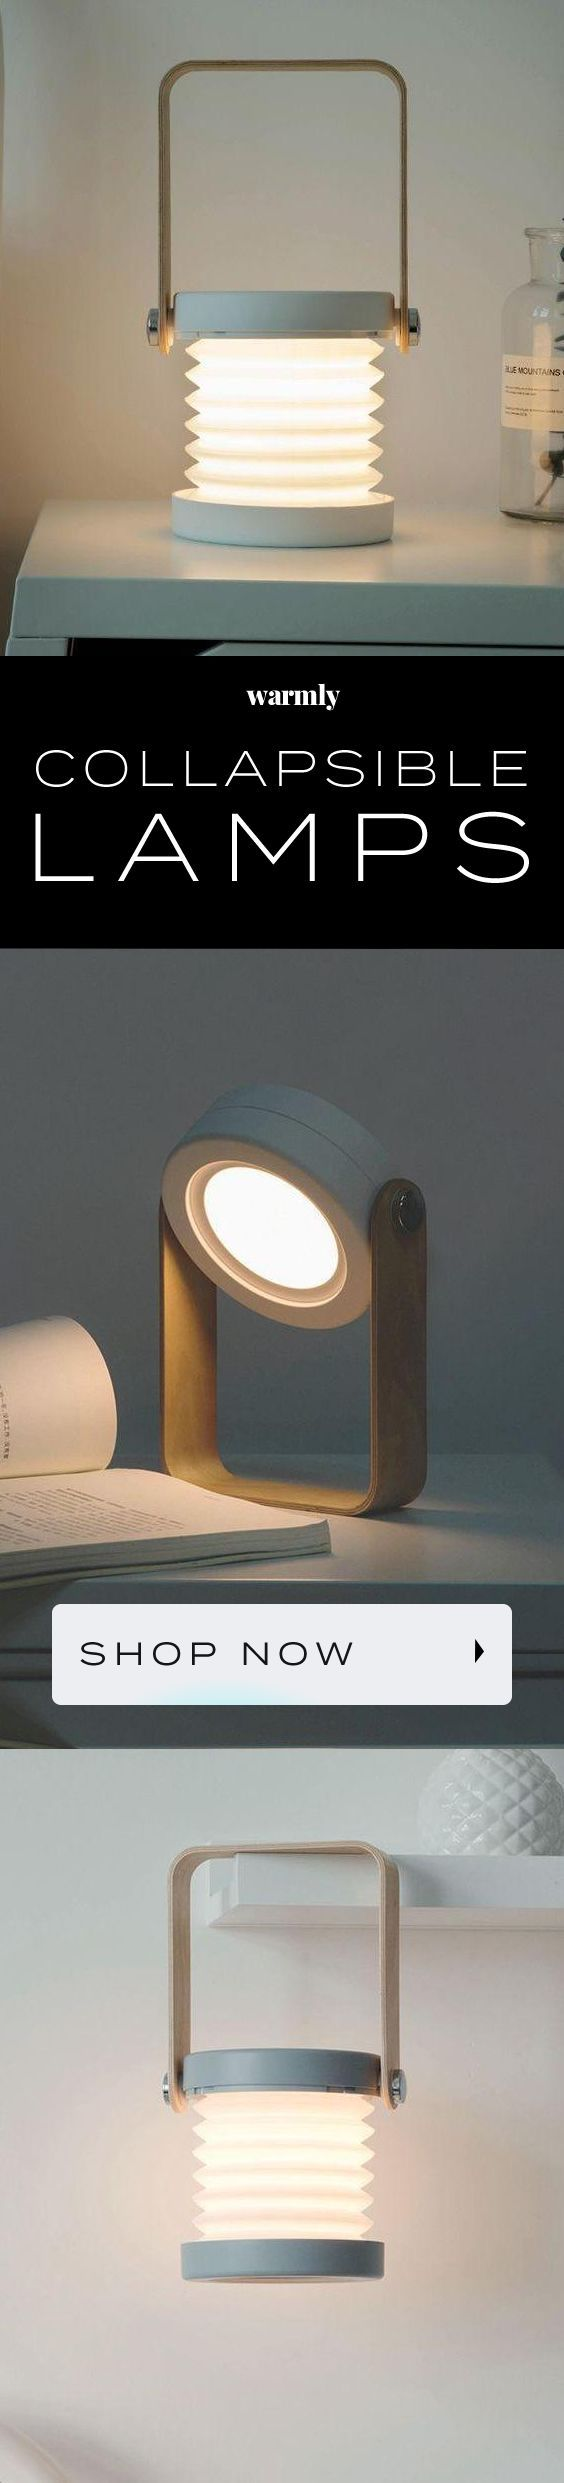 Catala Die Meistverkaufte Laterne 5 5 Dekoration In 2020 Lamp Decor Lamp Lanterns